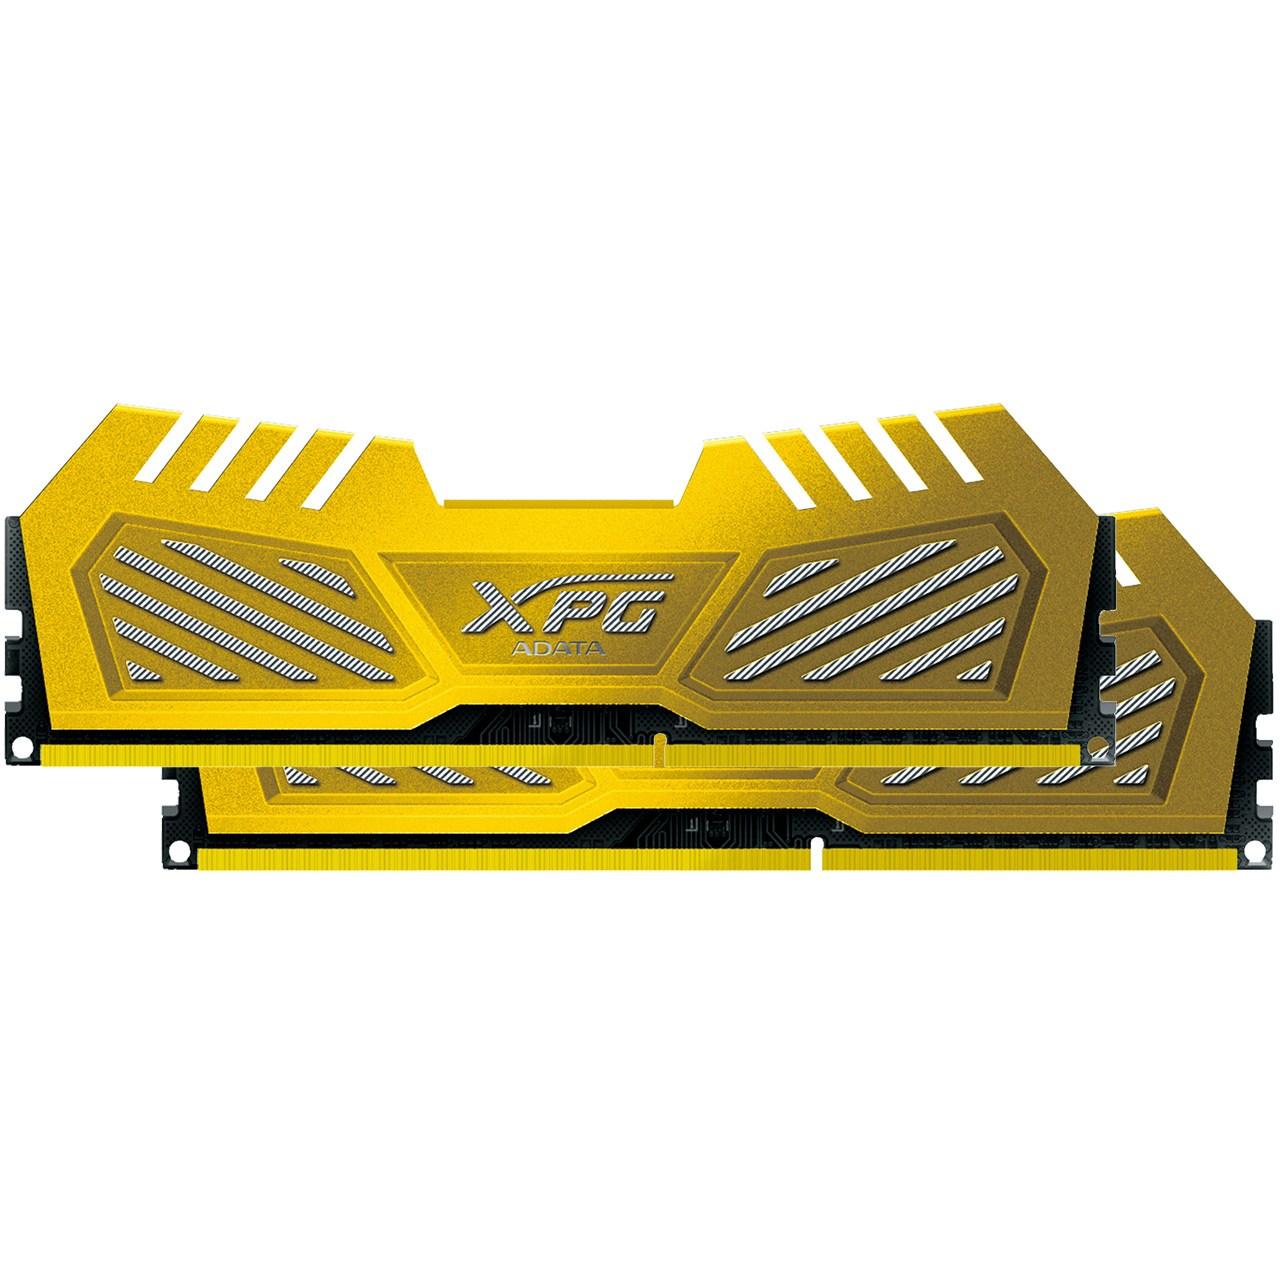 رم دسکتاپ DDR3 دو کاناله 2600 مگاهرتز CL11 ای دیتا مدل XPG V2 ظرفیت 16 گیگابایت